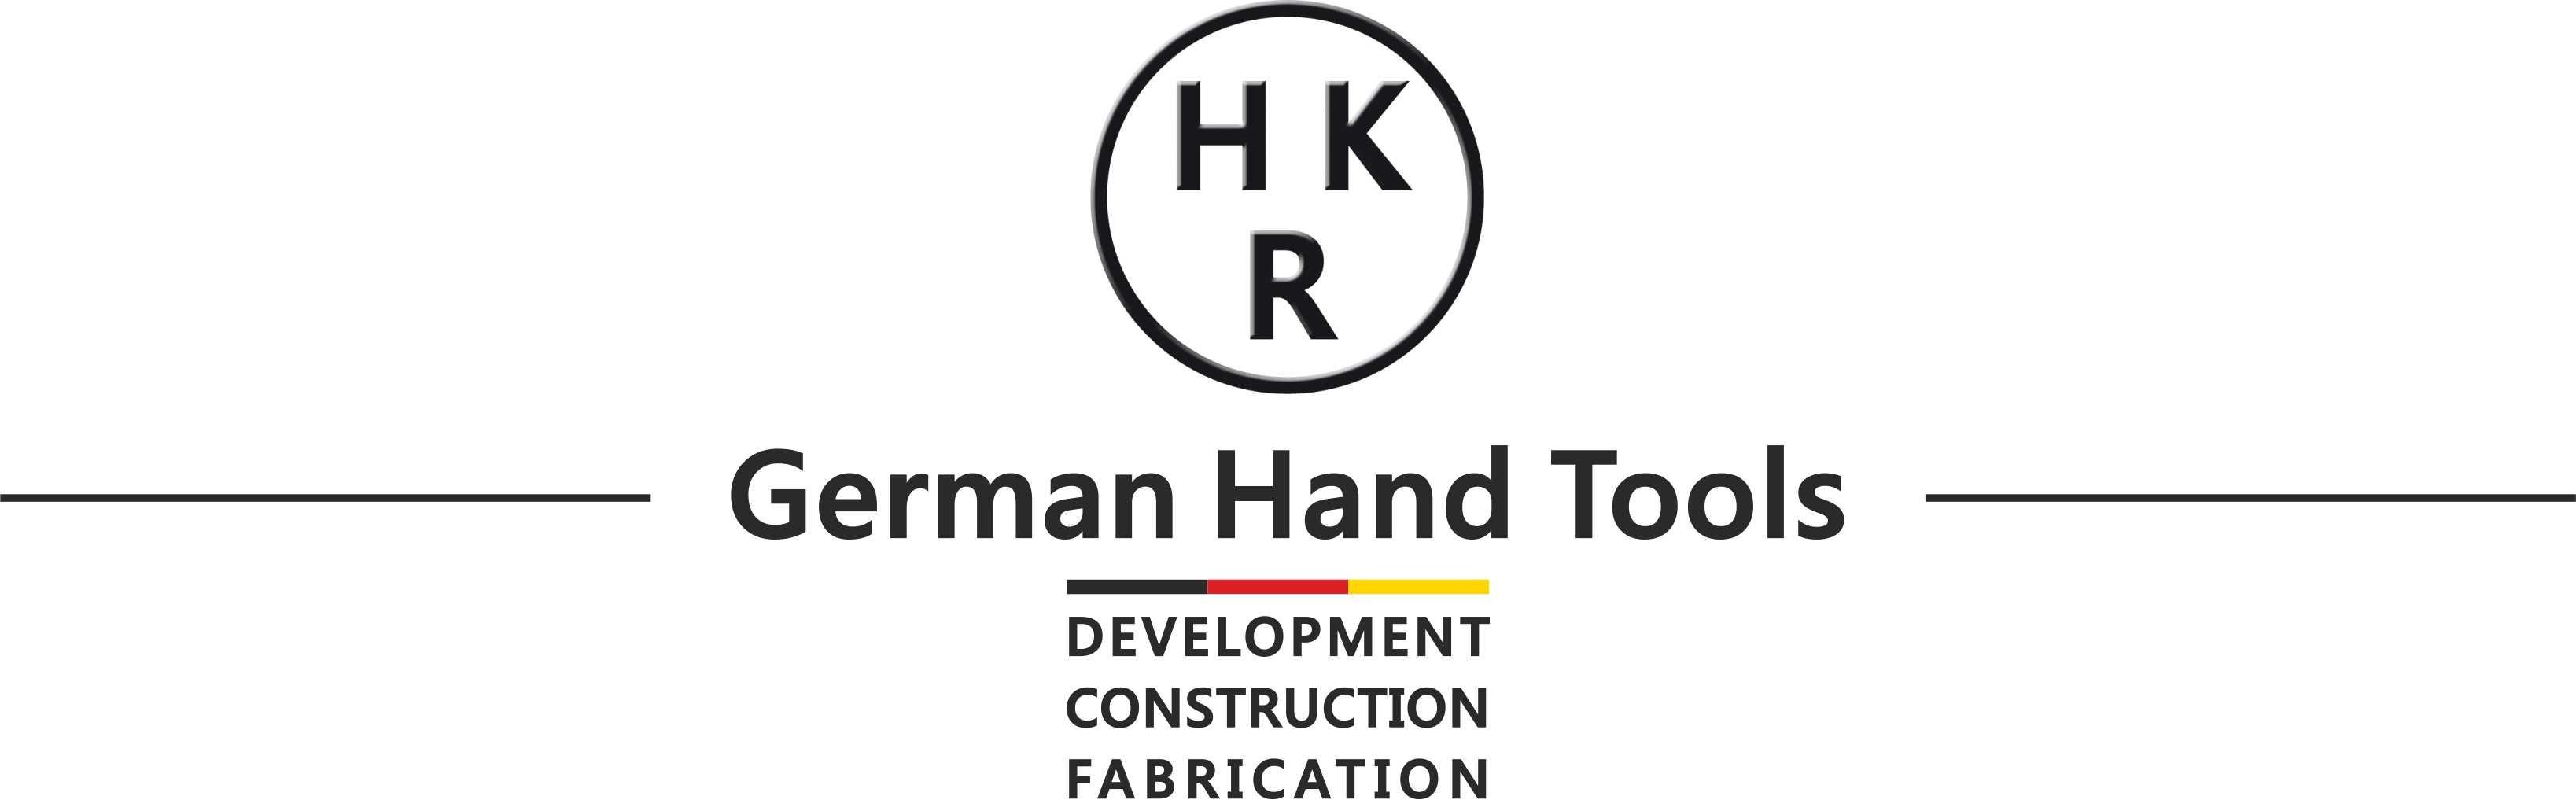 HALBACH & KEPLIN GmbH & Co. KG